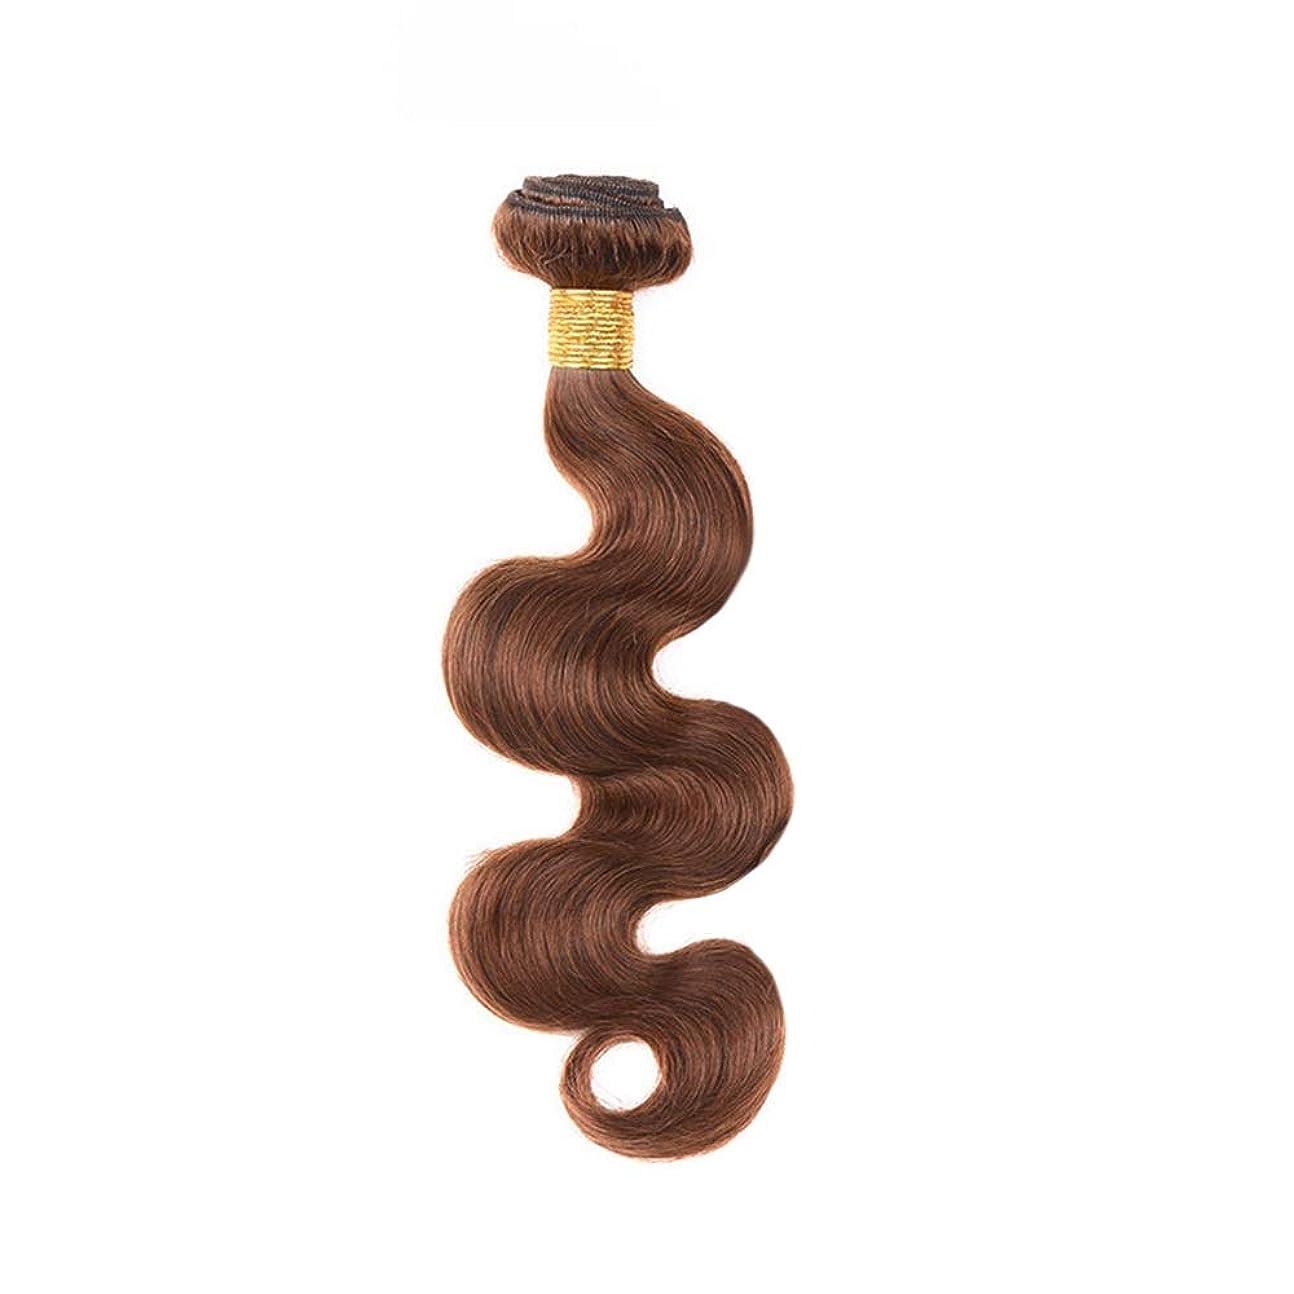 制限セメントハーブYESONEEP 茶色の人間の髪織りバンドルリアルレミーナチュラルヘアエクステンション横糸 - 実体波 - 4#ブラウン(1バンドル、10インチ-24インチ、100g)合成髪レースかつらロールプレイングウィッグロング&ショート女性自然 (色 : ブラウン, サイズ : 12 inch)